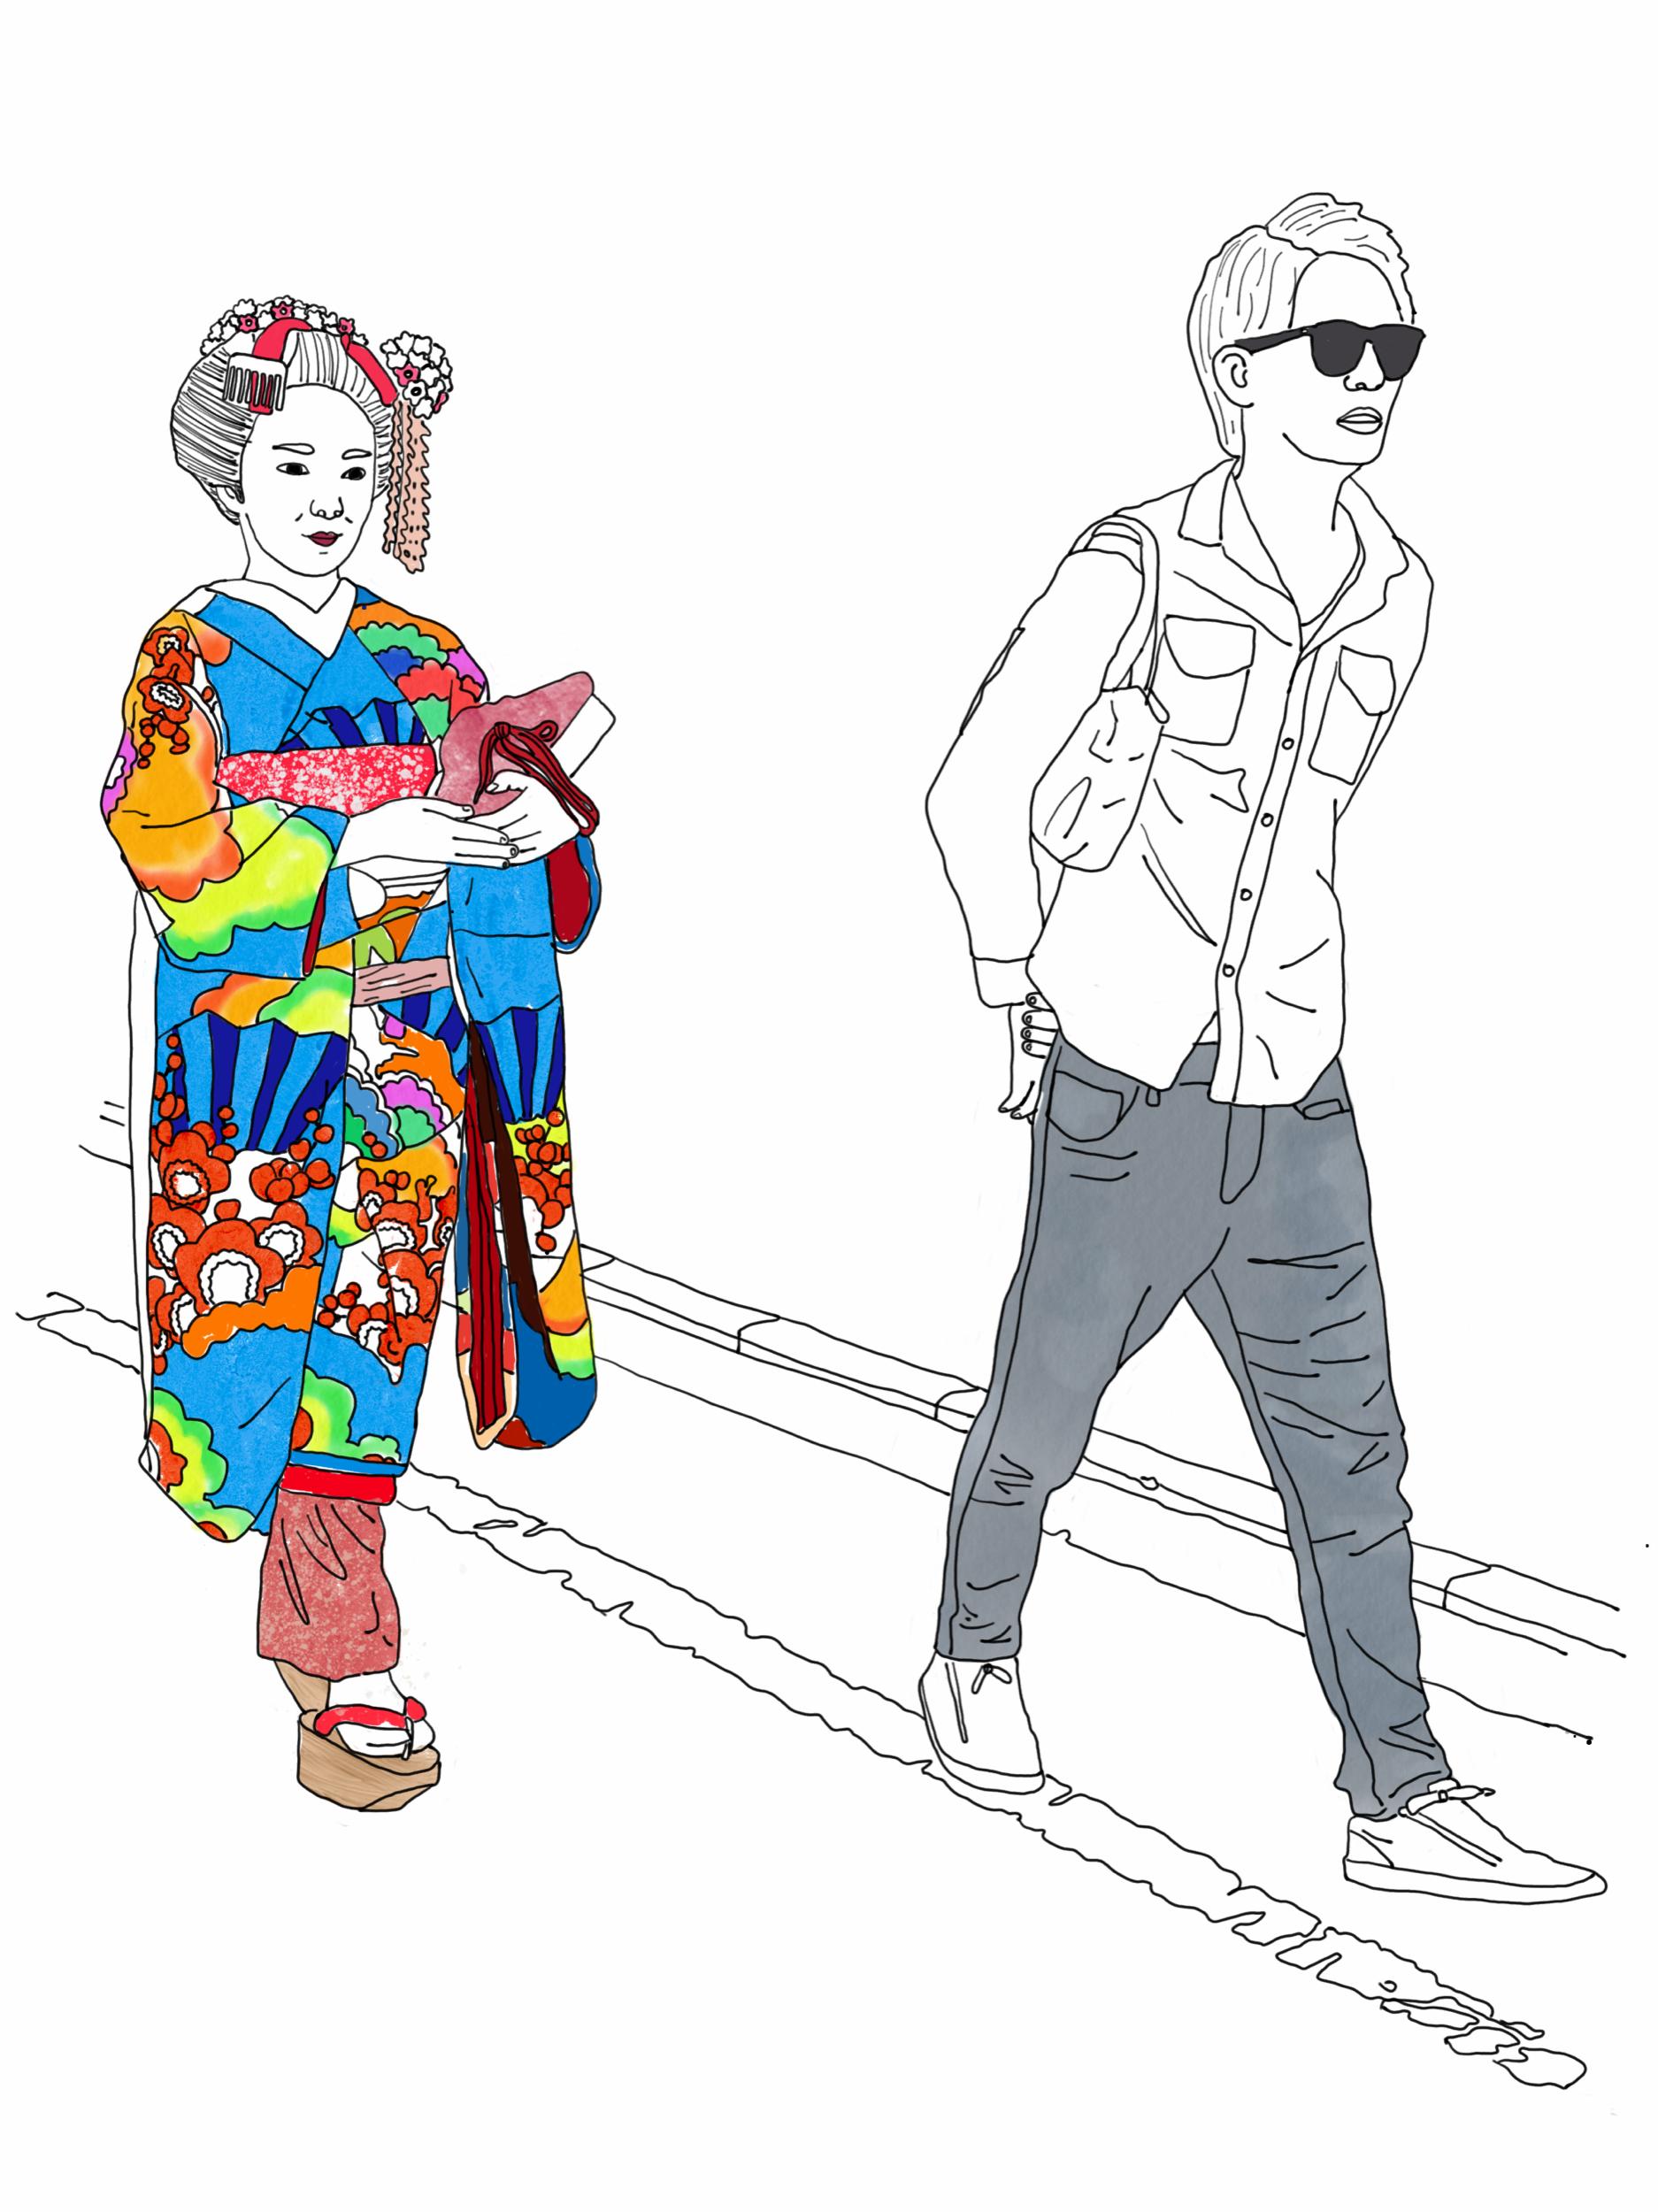 jordan_kushins_japan_kyoto_street_style.png